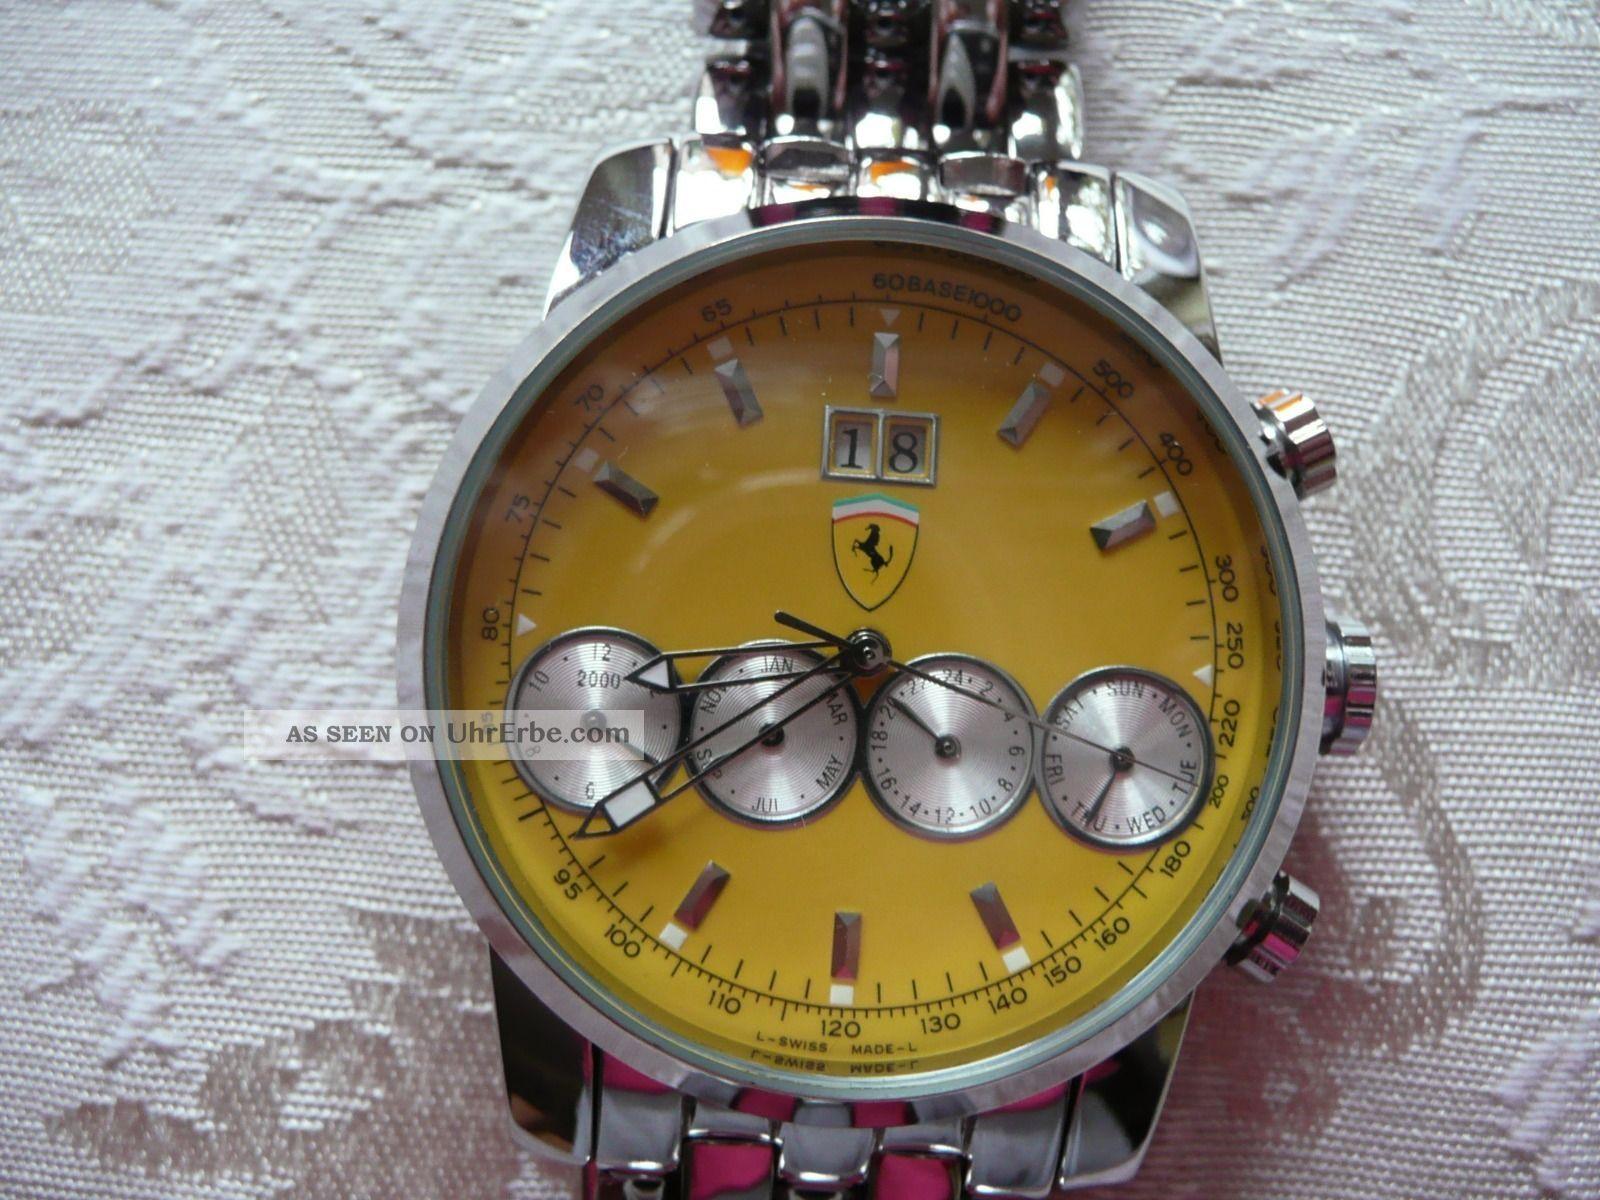 Ferrari Uhr,  Gelb Armbanduhren Bild